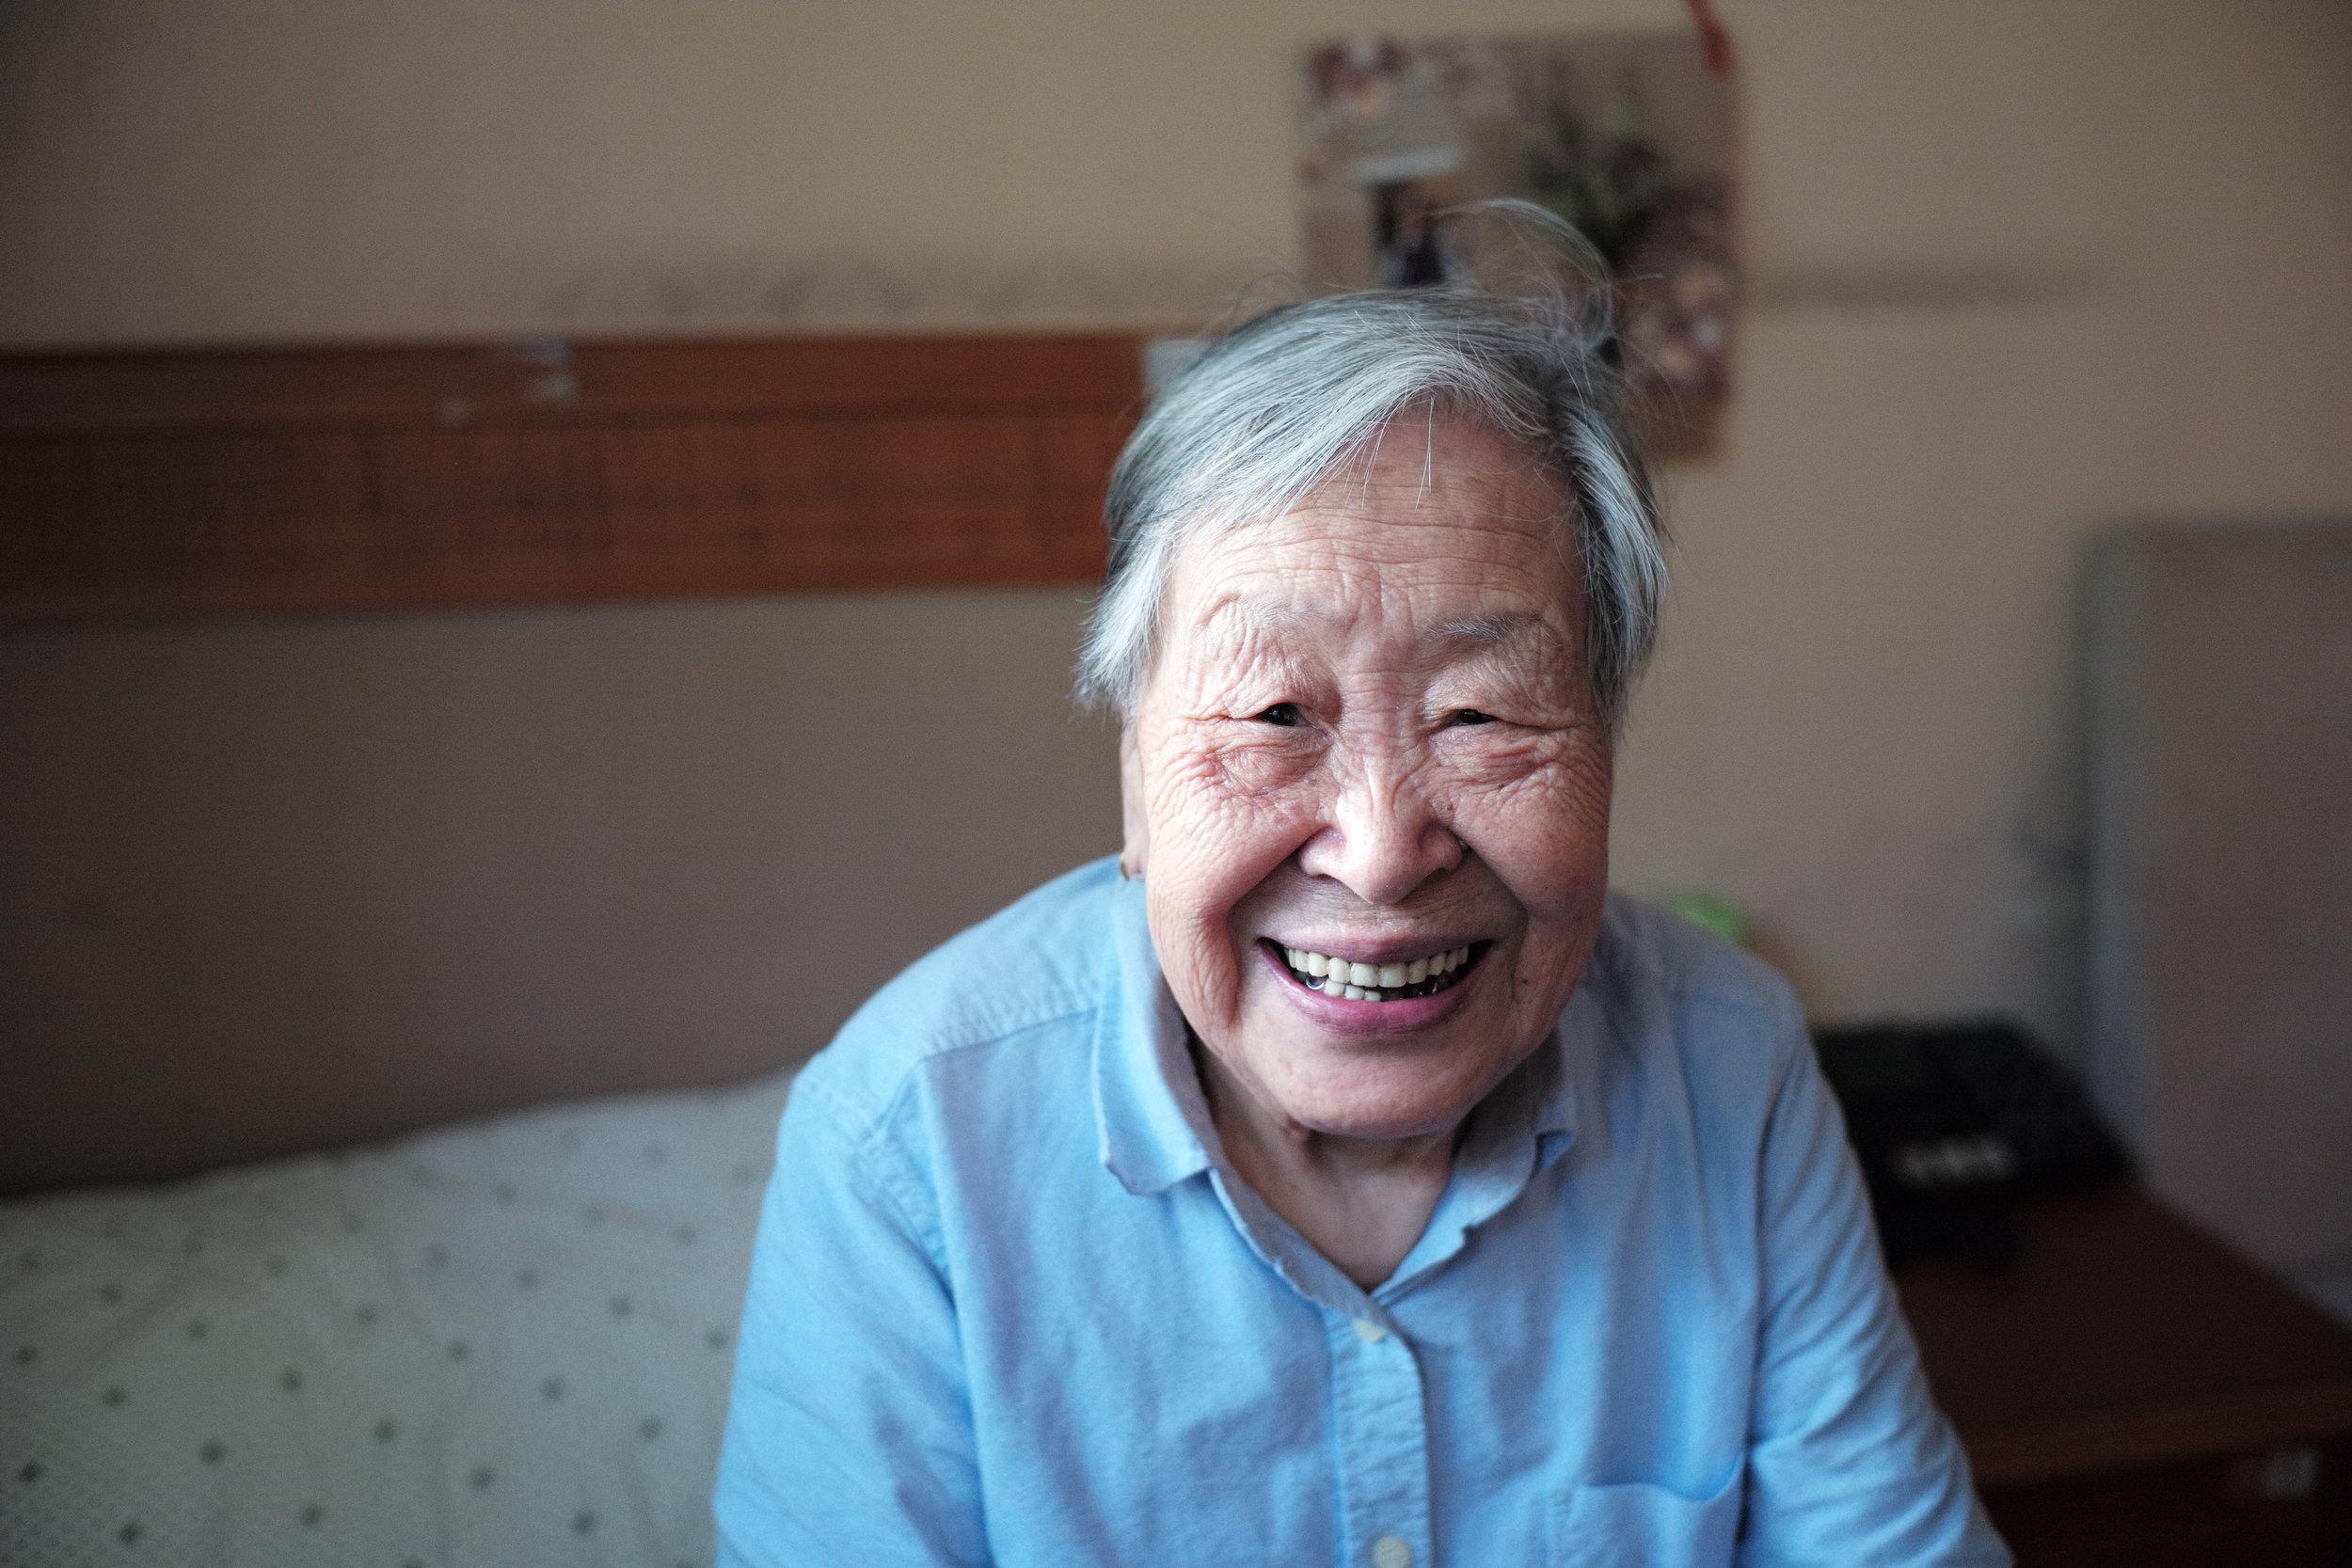 Elderly main in a nursing home room